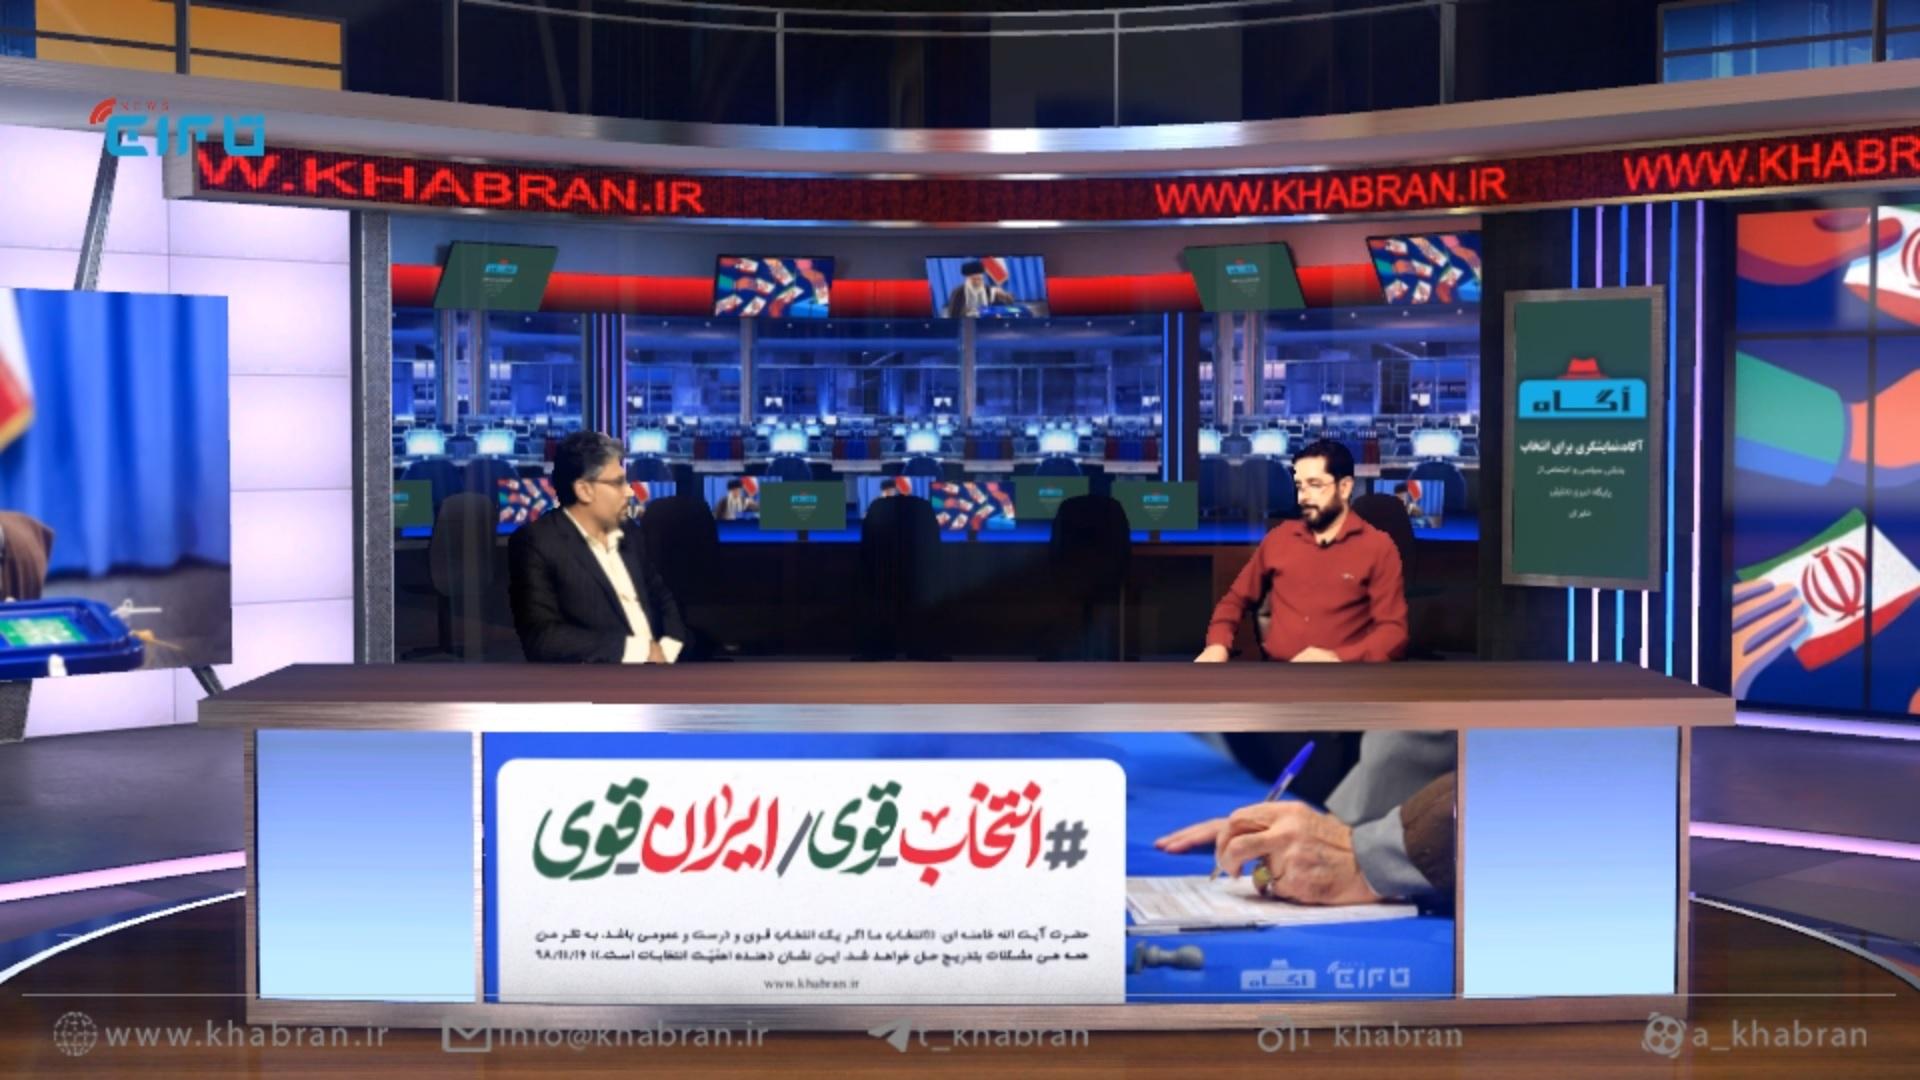 آگاه | قسمت چهارم – گفتگو با کریم حیدری رام،کاندیدای ششمین دوره انتخابات شورای شهر رامشیر